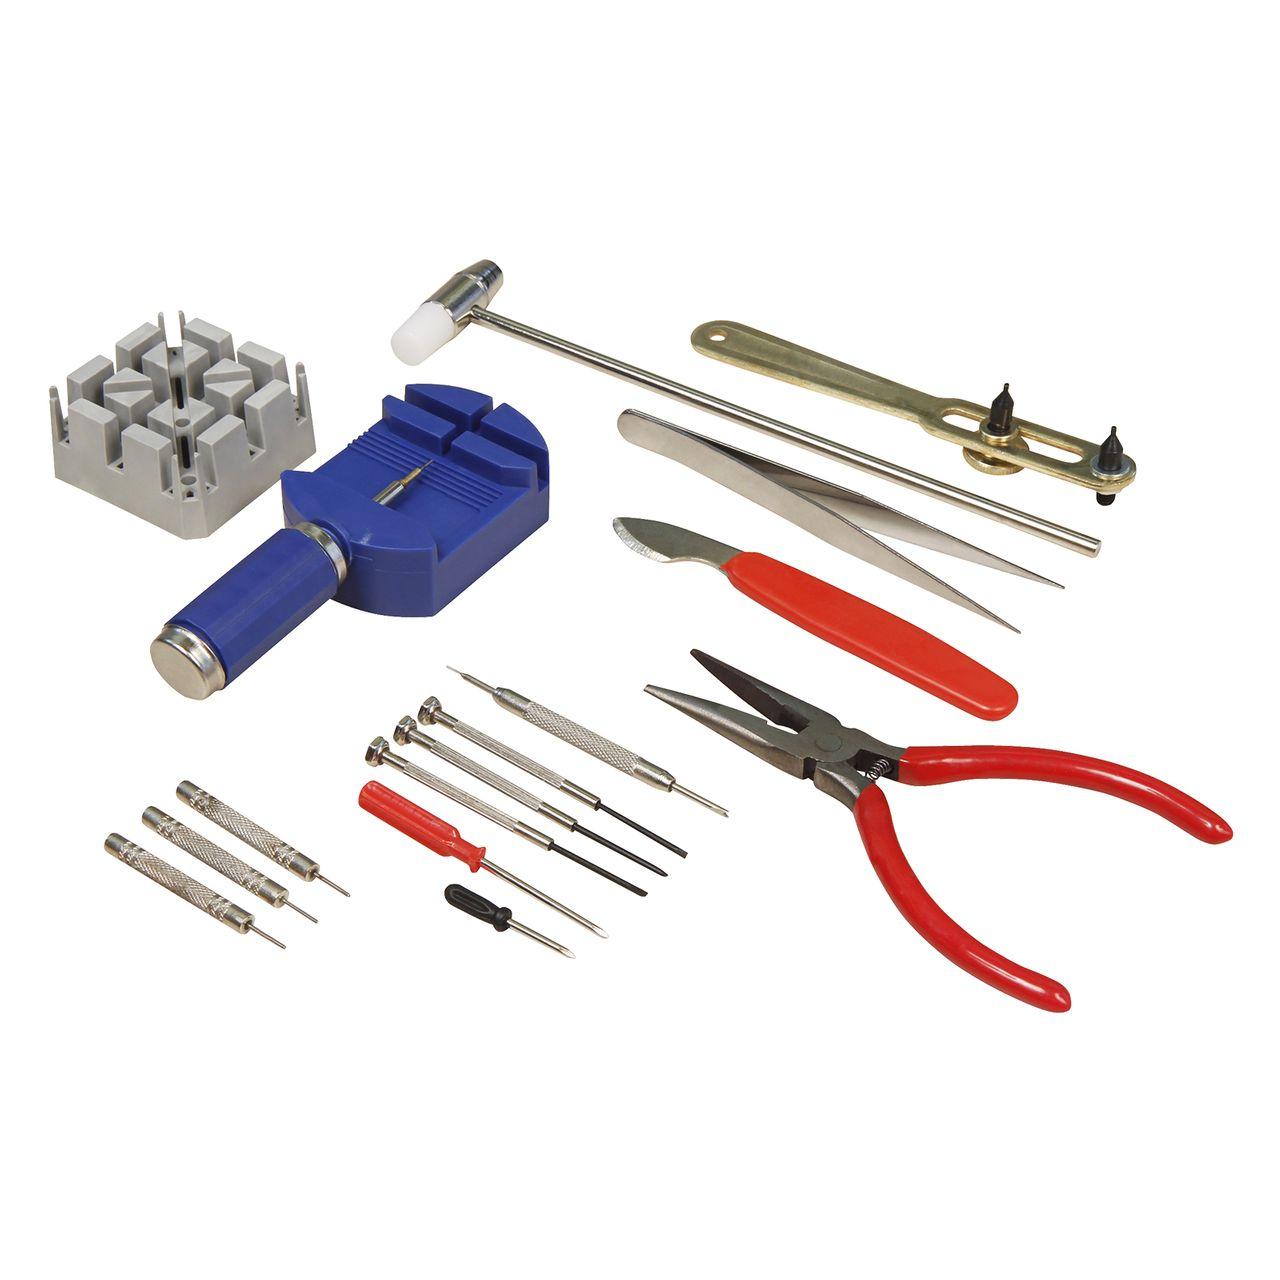 MCPOWER Uhrenwerkzeug-Set, 16-teilig